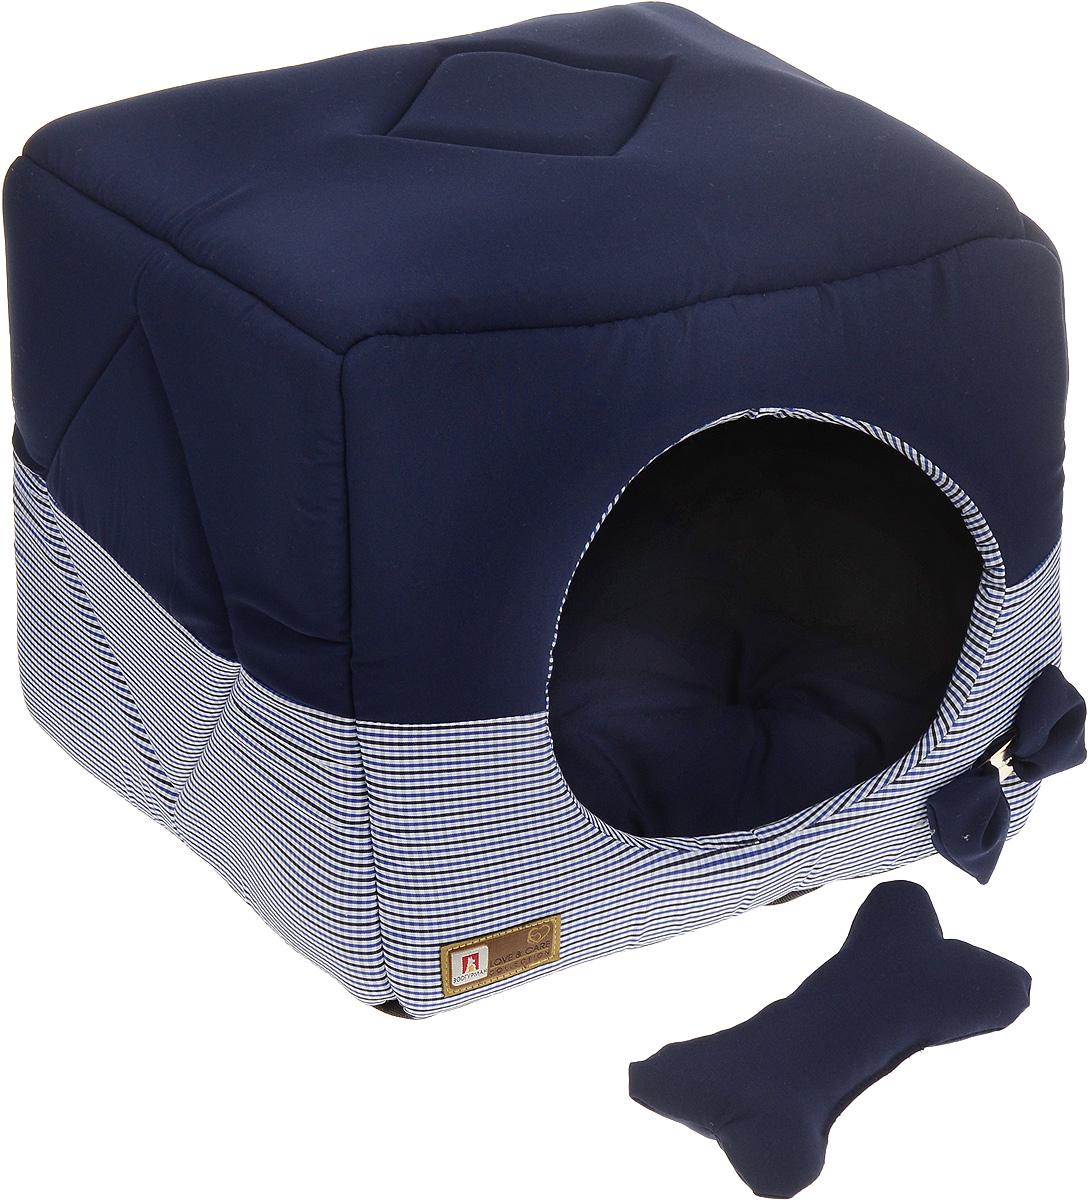 Лежак для собак и кошек Зоогурман Домосед, цвет: темно-синий, белый, 45 х 45 х 45 смFIDB-6123Оригинальный и мягкий лежак для кошек и собак Зоогурман Домосед обязательно понравится вашему питомцу. Лежак выполнен из приятного материала. Уникальная конструкция лежака имеет два варианта использования:- лежанка с высокими бортиками и мягкой внутренней подушкой; - закрытый домик с мягкой подушкой внутри.Универсальный лежак-трансформер подарит вашему питомцу ощущение уюта и комфорта.В комплекте со съемной подушкой мягкая игрушка косточка.За изделием легко ухаживать, можно стирать вручную или в стиральной машине при температуре 40°С. Наполнитель: гипоаллергенное синтетическое волокно. Наполнитель матрасика: шерсть.Размер домика: 45 х 45 х 45 см.Размер лежанки: 45 х 45 х 20 см.